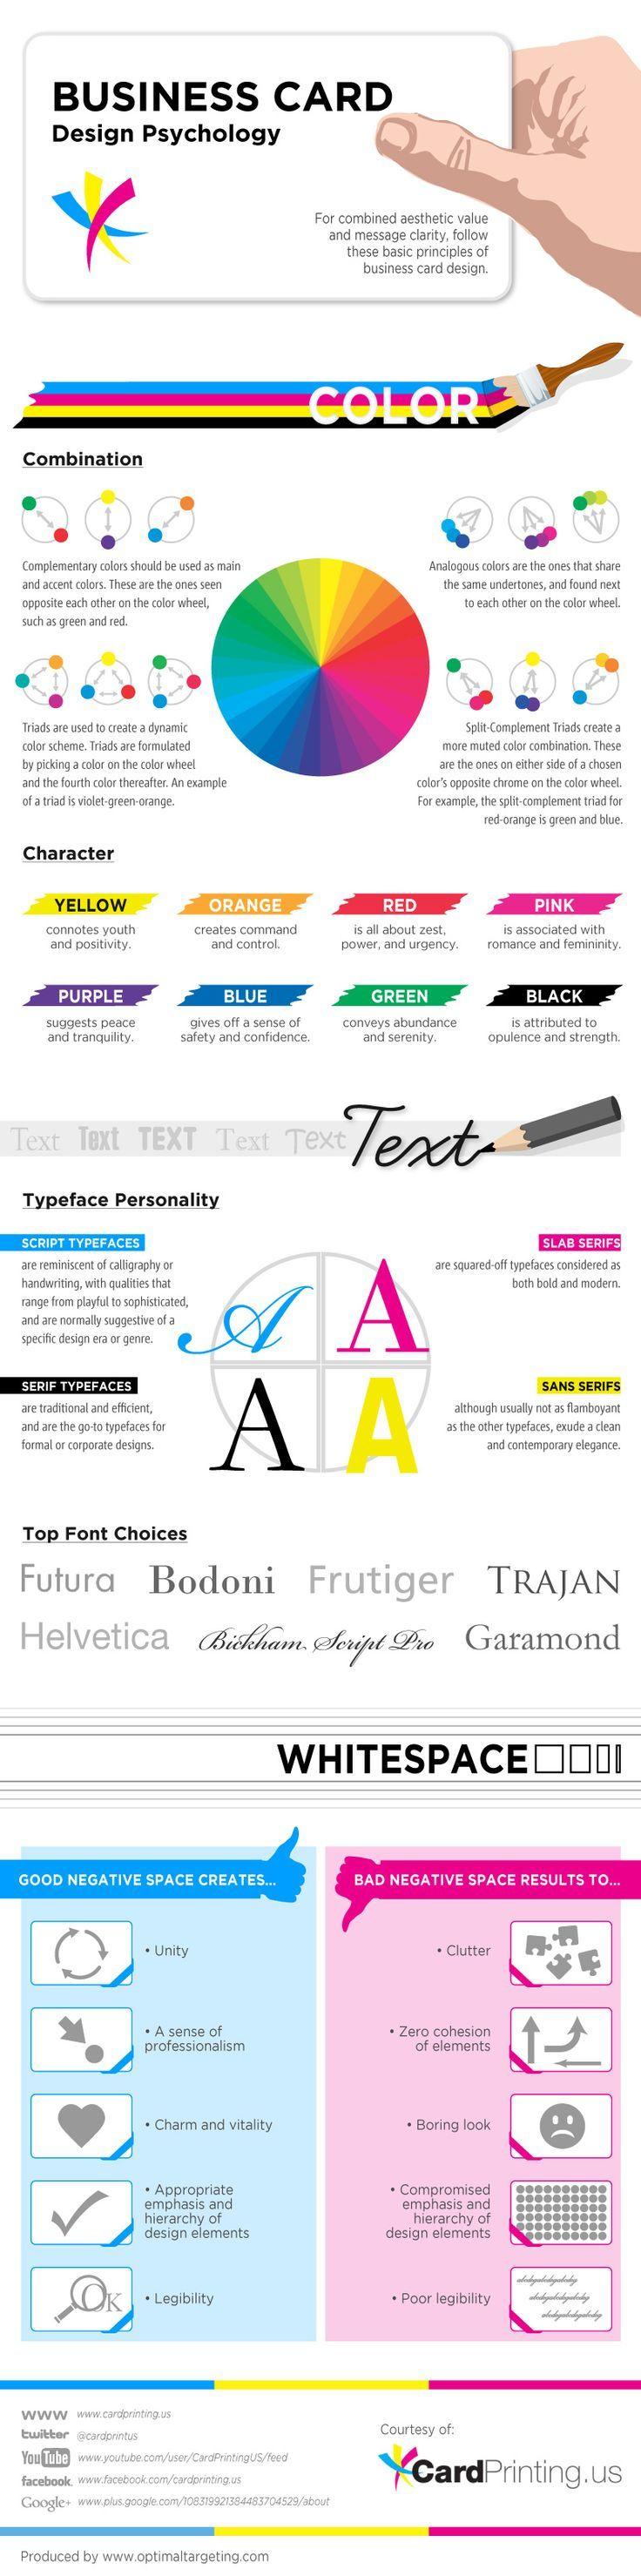 Business Card Design Psychology | Tips for designing business ...